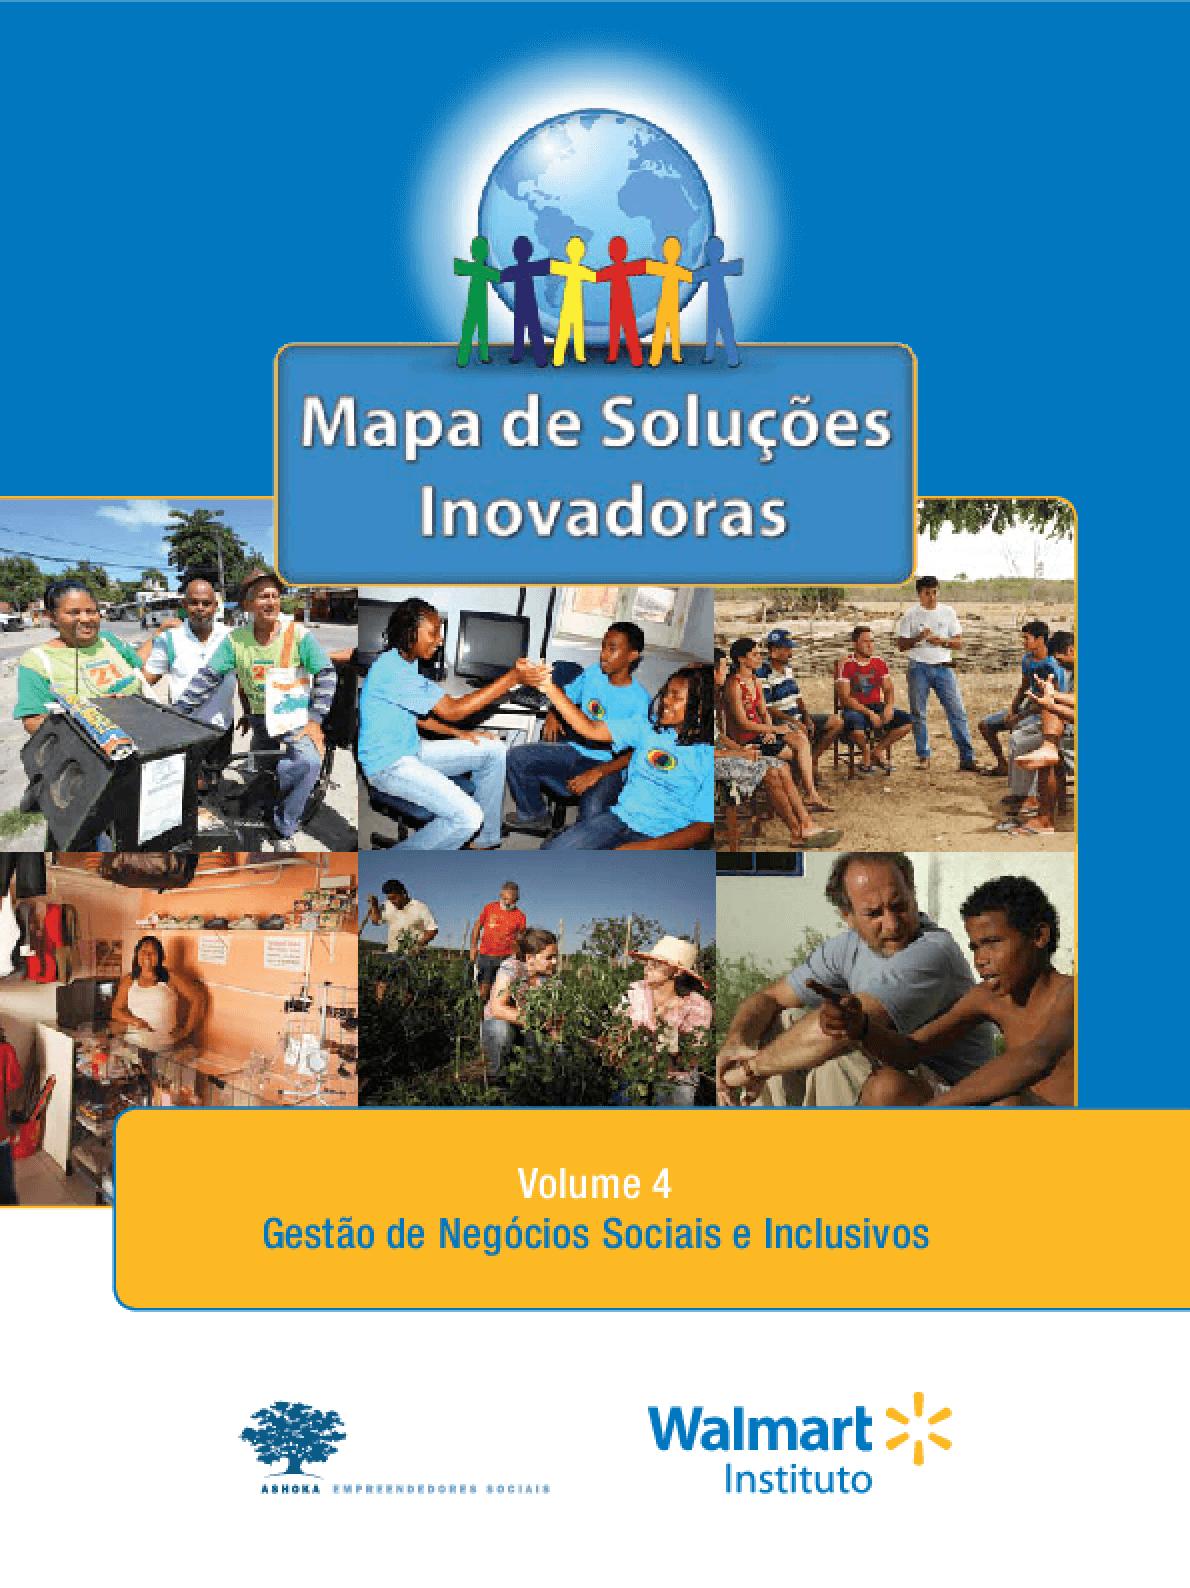 Mapa de soluções inovadoras: gestão de negócios sociais e inclusivos